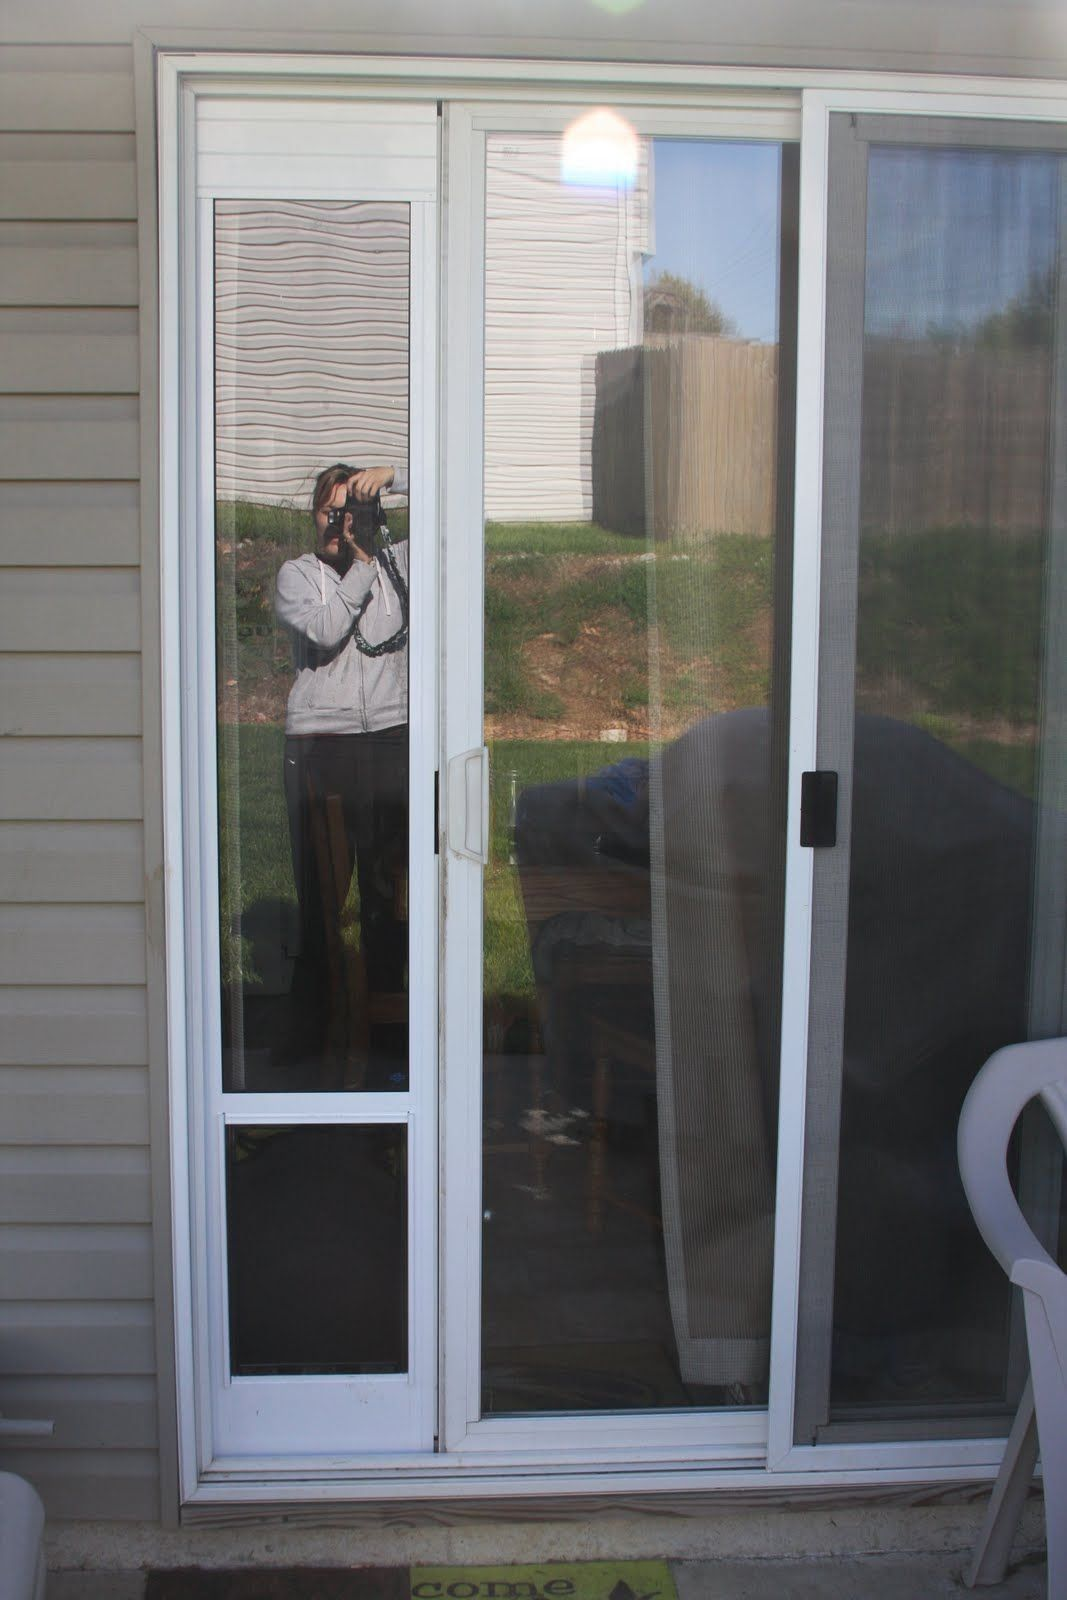 Sliding Glass Doggie Door Insert Must Have 1000 In 2020 Sliding Patio Screen Door Glass Doors Patio Sliding Glass Doors Patio